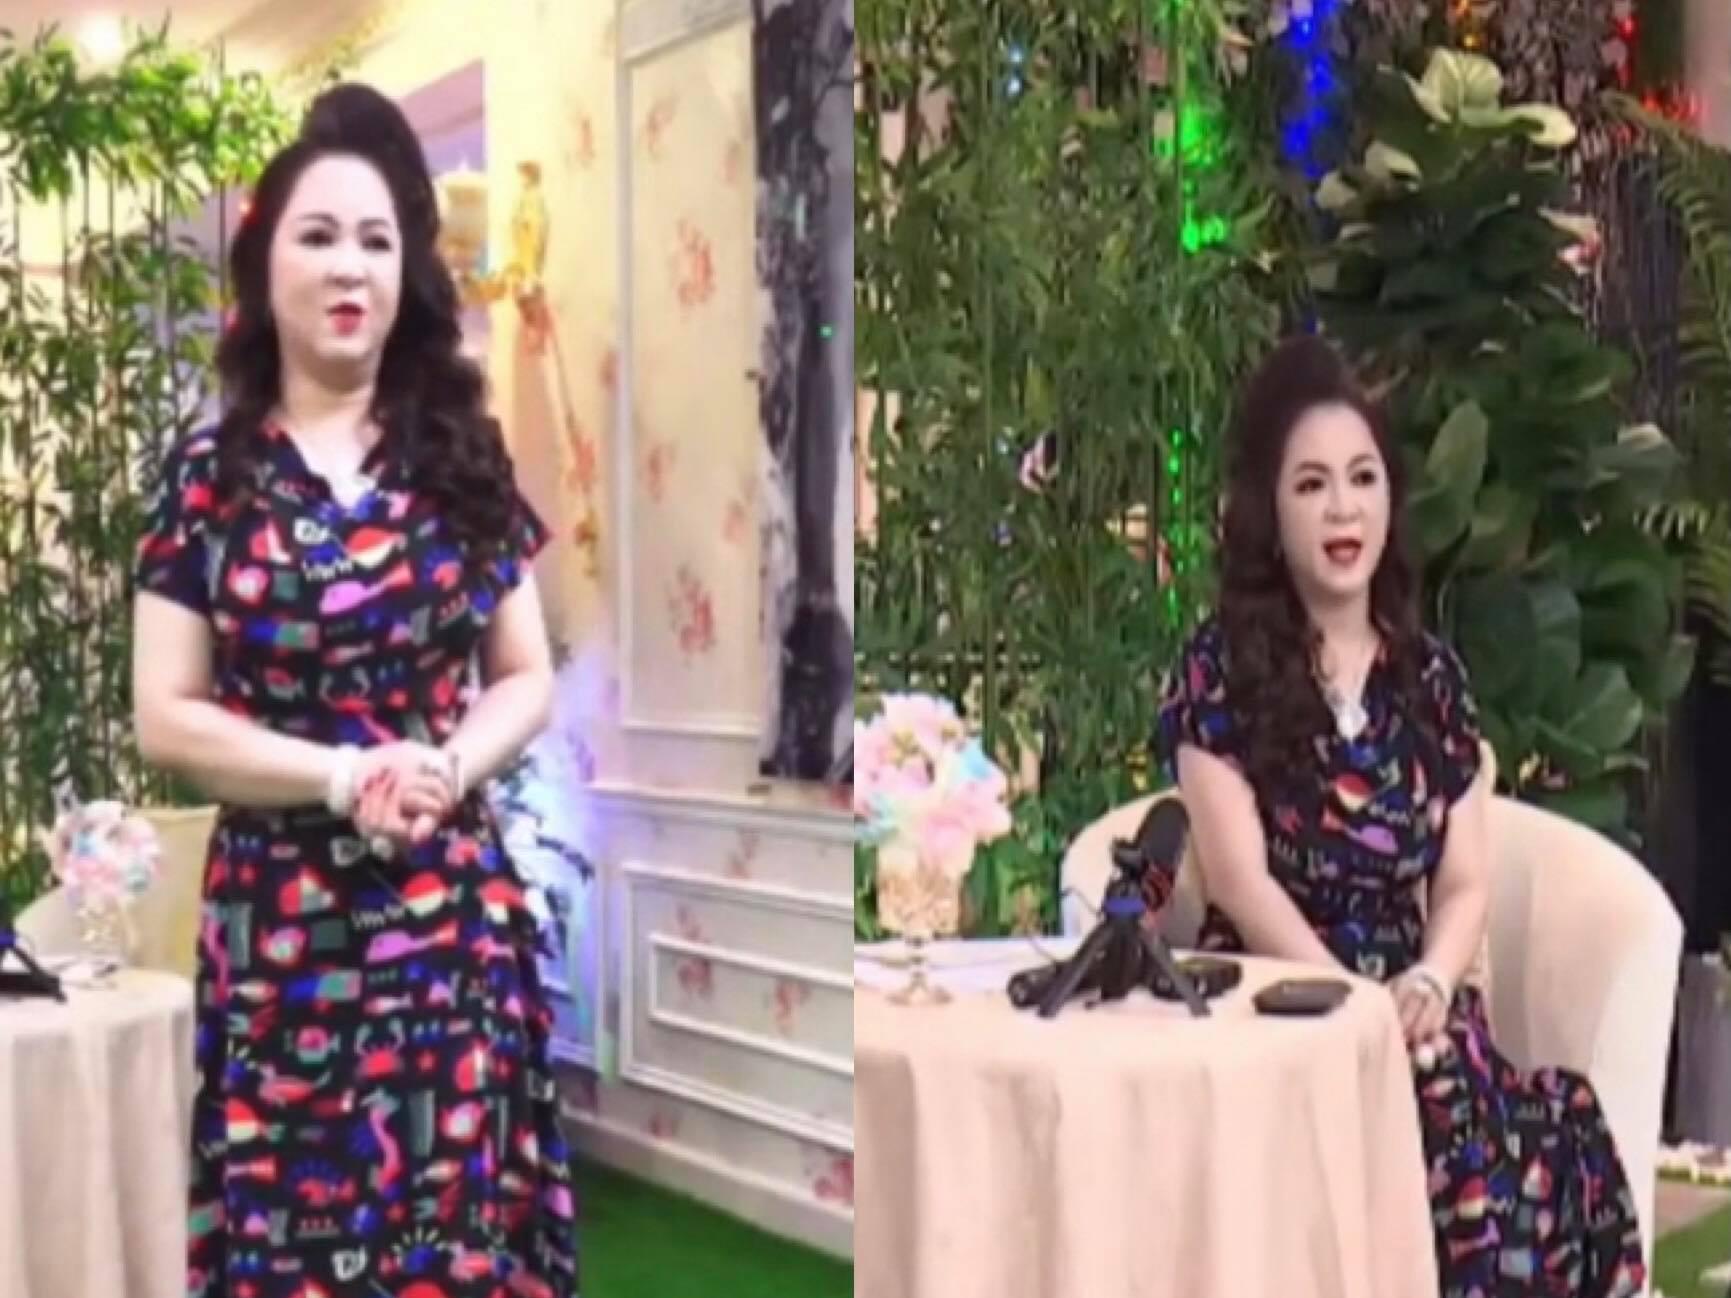 Bà Phương Hằng thông báo con gái 15 tuổi bị 'tấn công' một cách 'dã man', fan 'ruột' cực lo lắng?